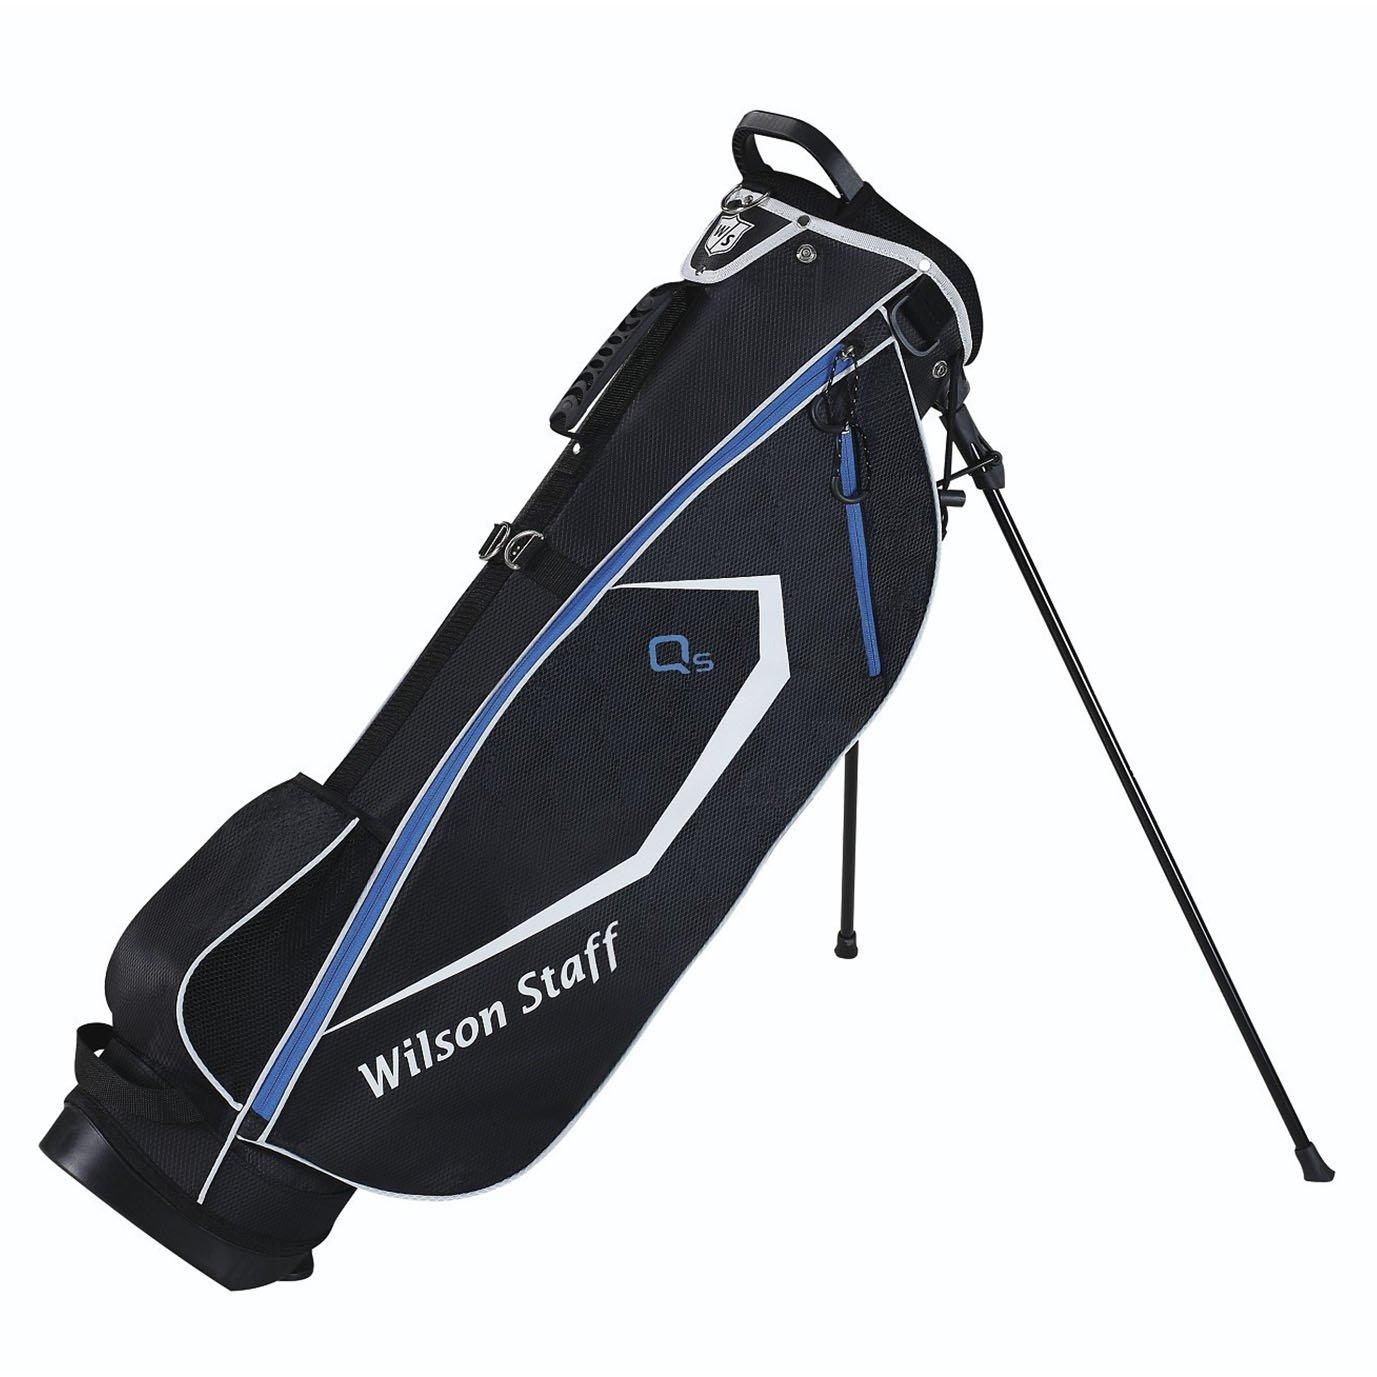 Wilson Staff Carry Bags QS - Bolsa de Mano para Palos de Golf (Bolsa de Transporte, Ligero, pequeño)